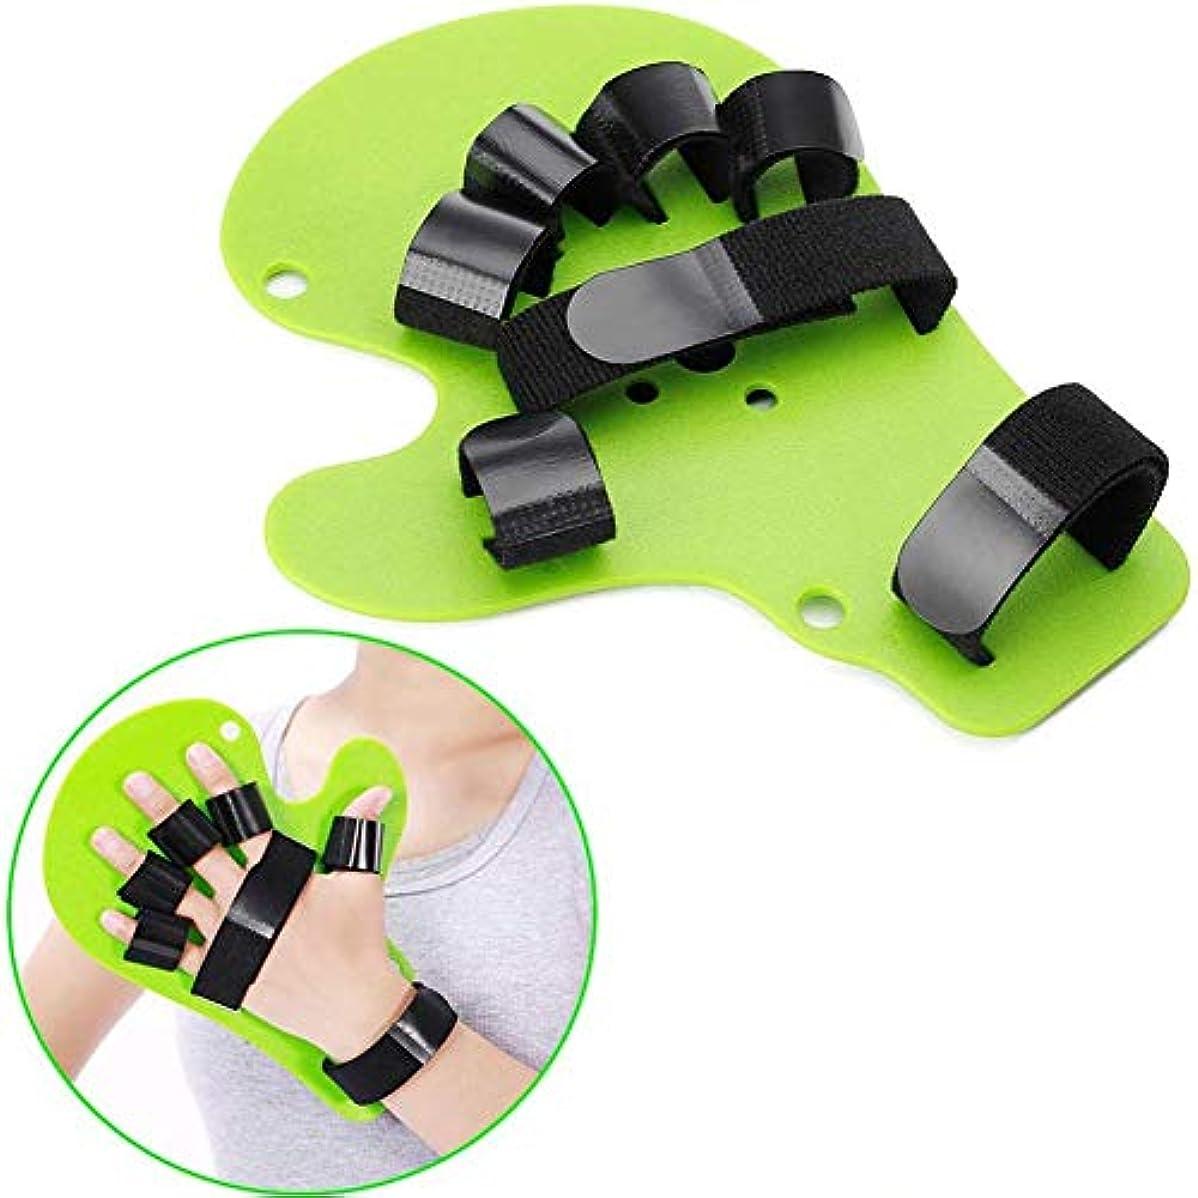 ガス集計ピアフィンガースプリントフィンガーボードフィンガーセパレーター,セパレータ、指の指セパレーターインソールフィンガー、関節炎、腱炎、手術、脱臼、捻挫、繰り返しの使用にも役立ちます(フィット右または左の手)